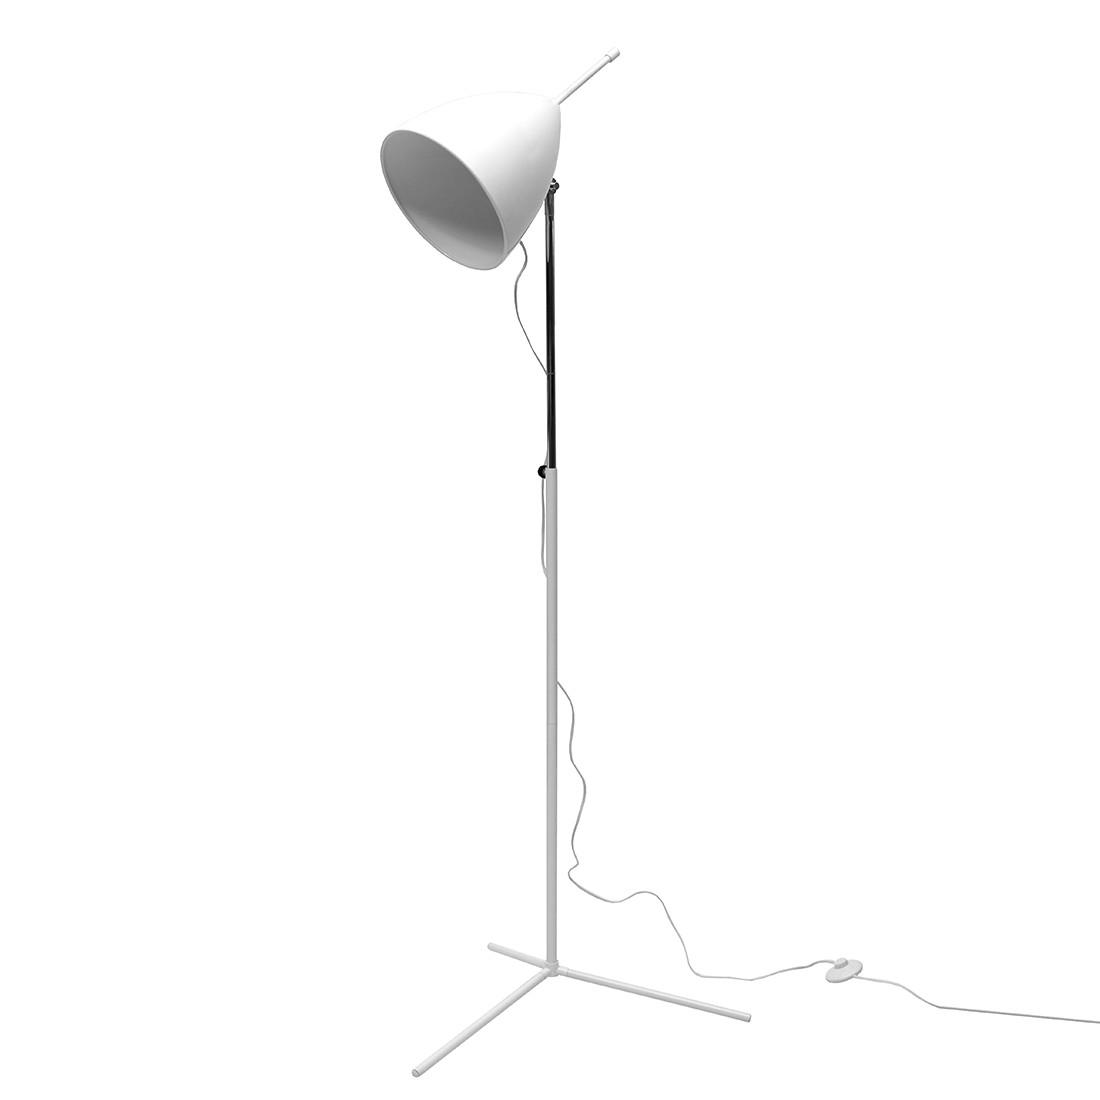 Stehleuchte Robot ● Stahl ● Weiß- Lux A++